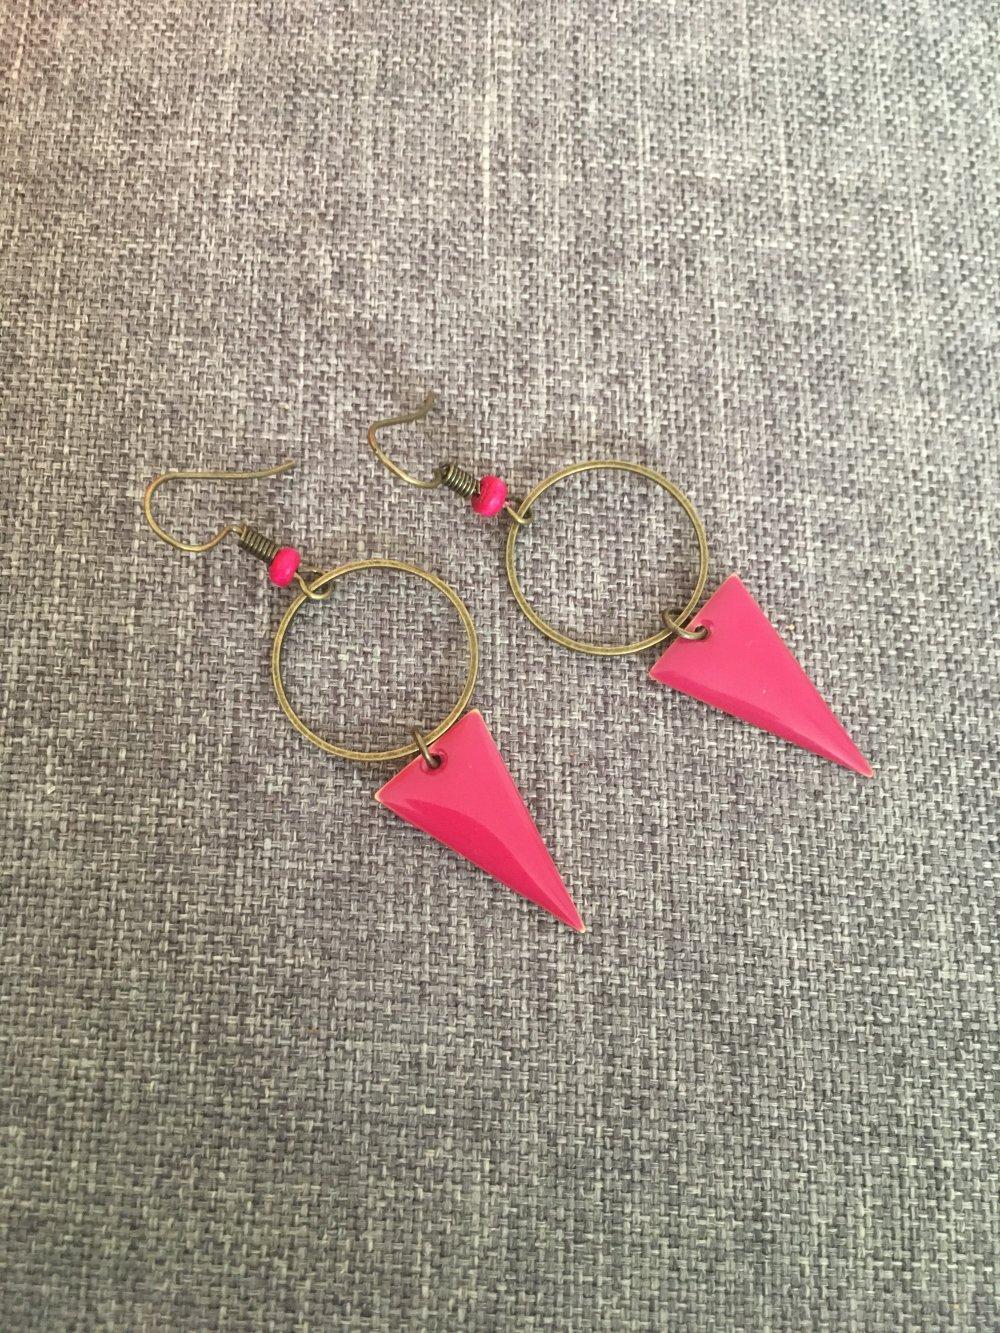 Boucles sequins triangles fushia et connecteurs ronds lesbijouxdemelou